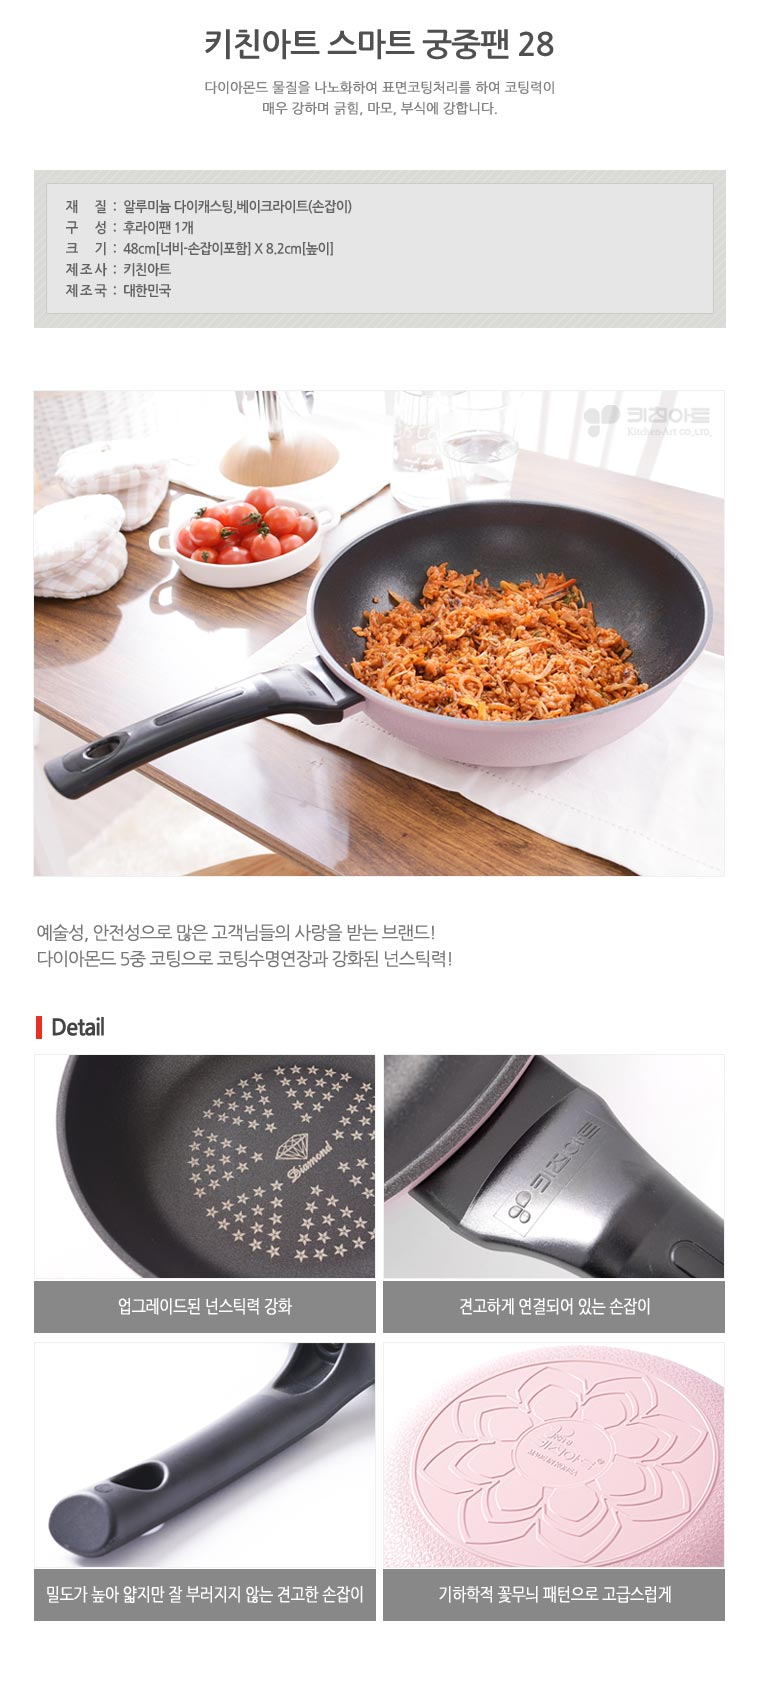 키친아트 후라이팬 1+1 골라담기 - 상세정보